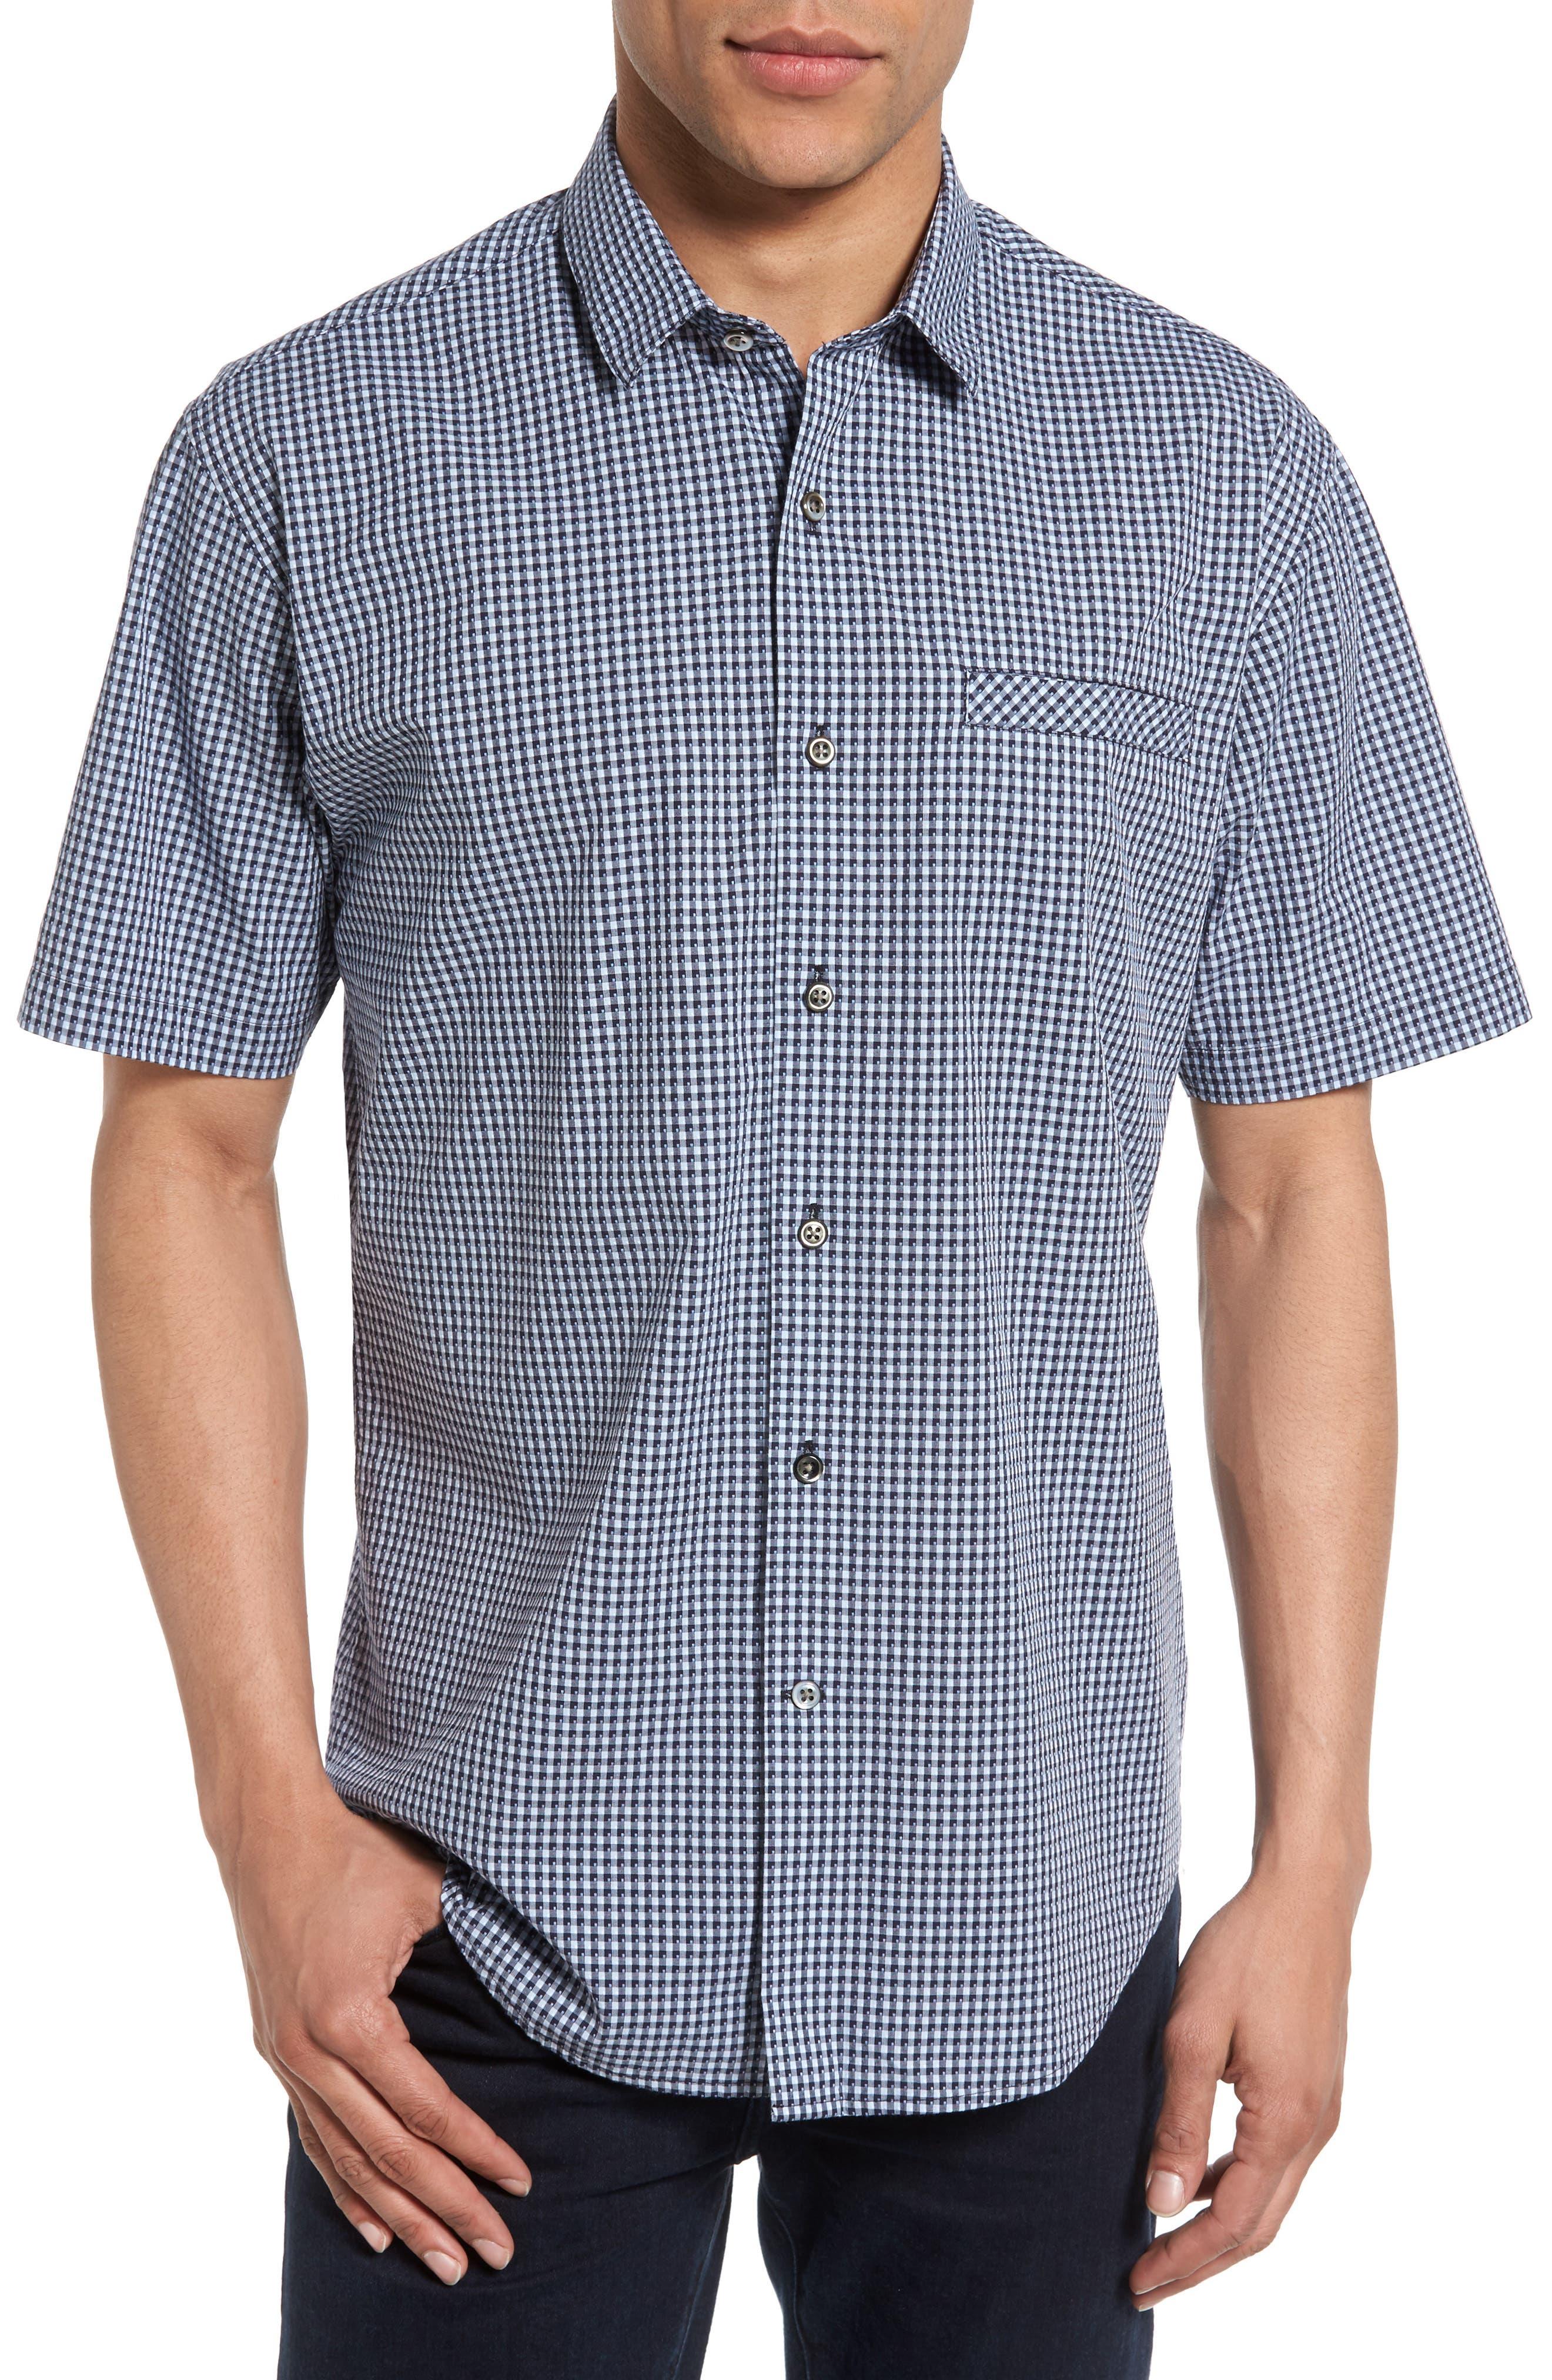 James Campbell Gingham Sport Shirt